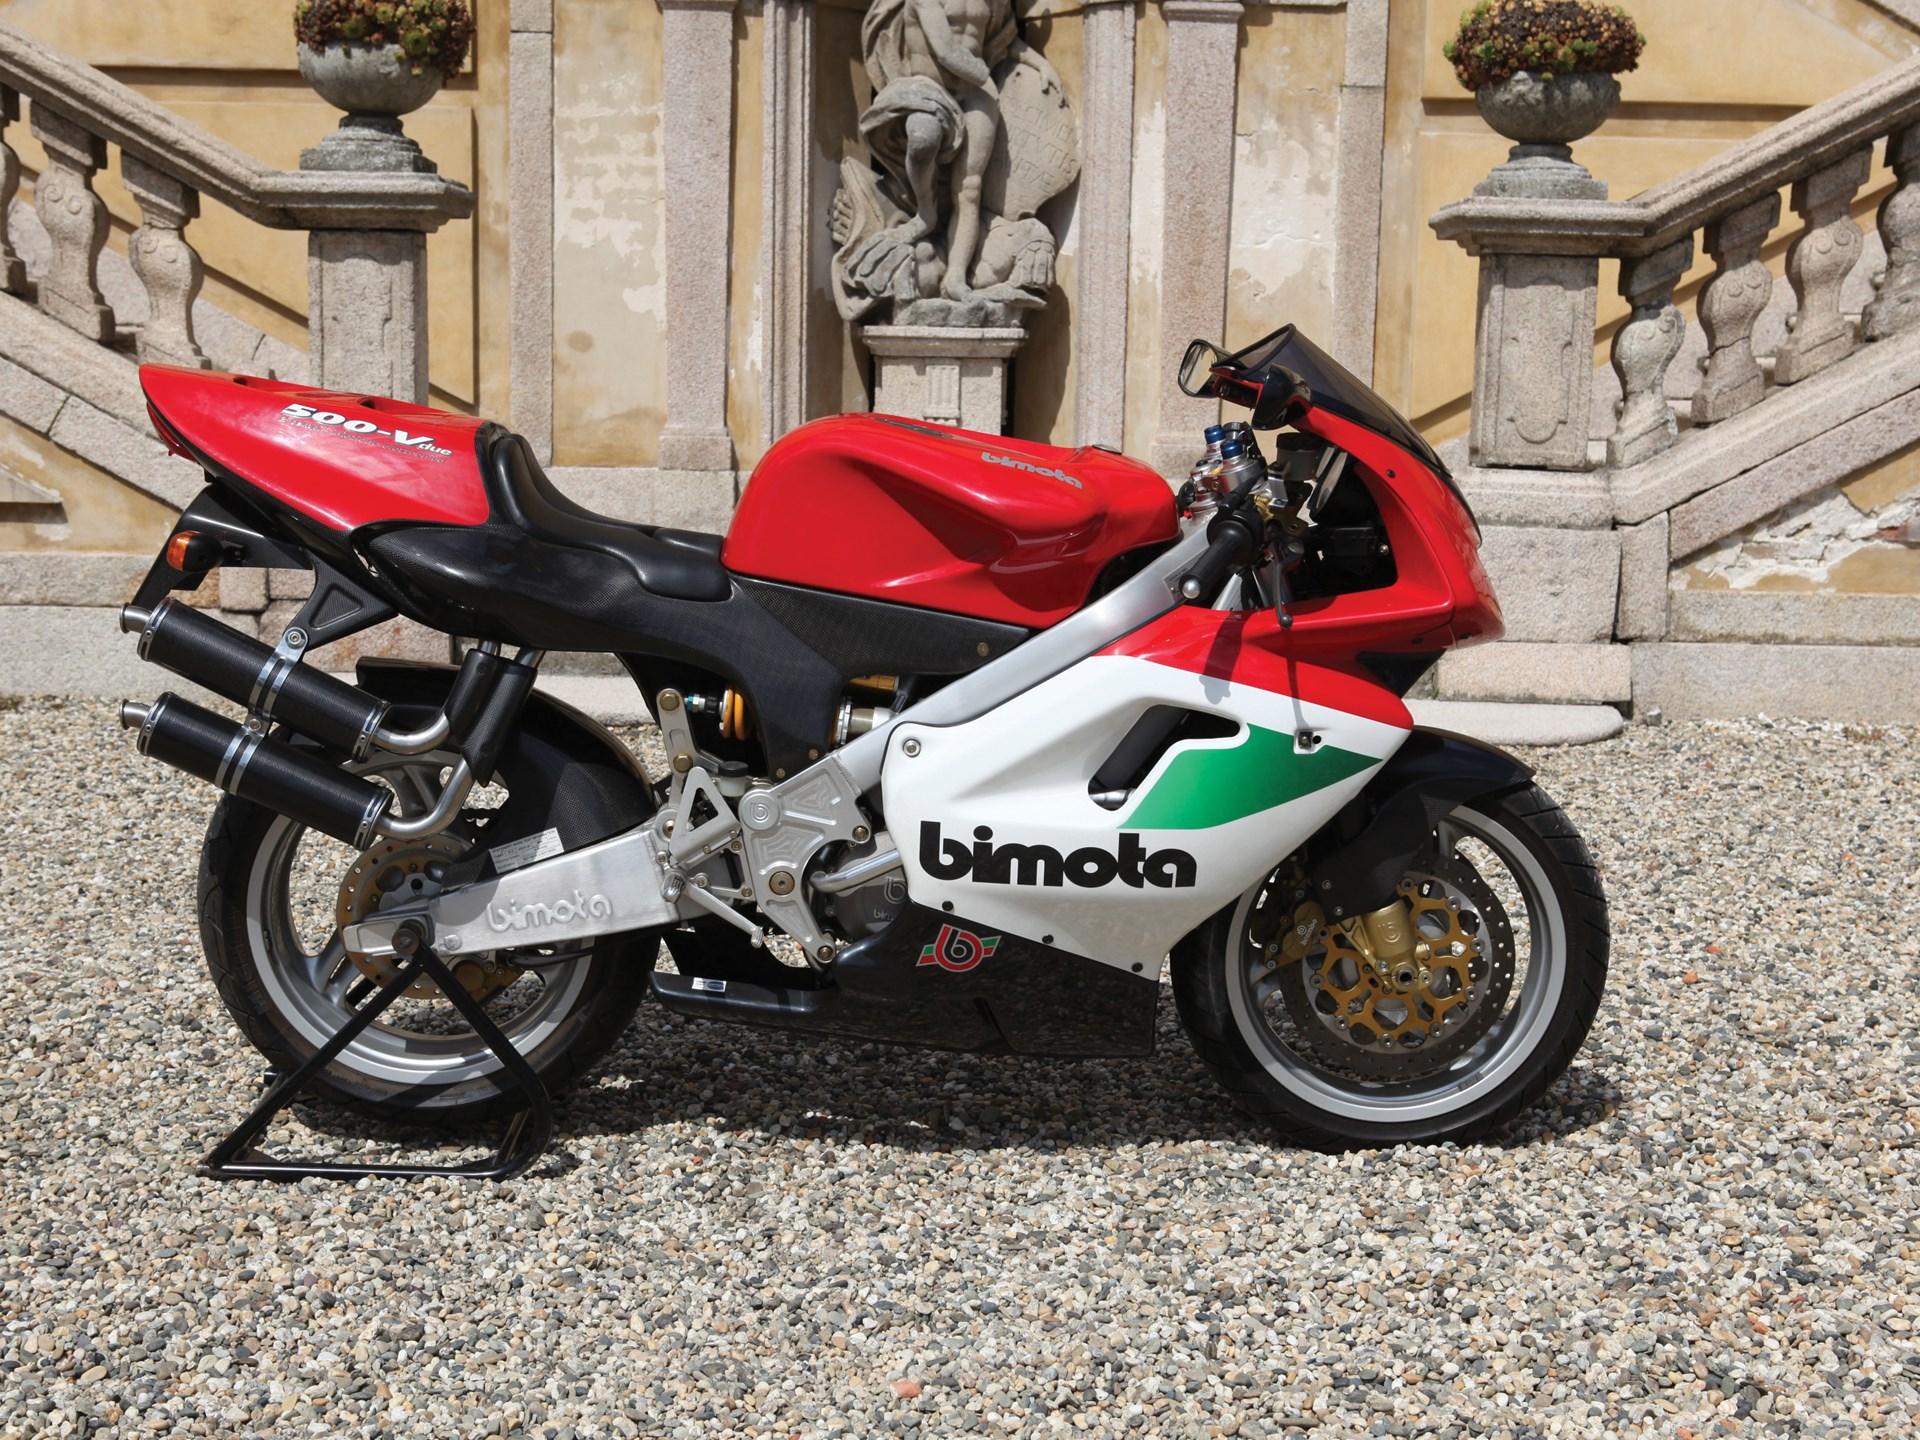 1998 Bimota V-Due 500 right side